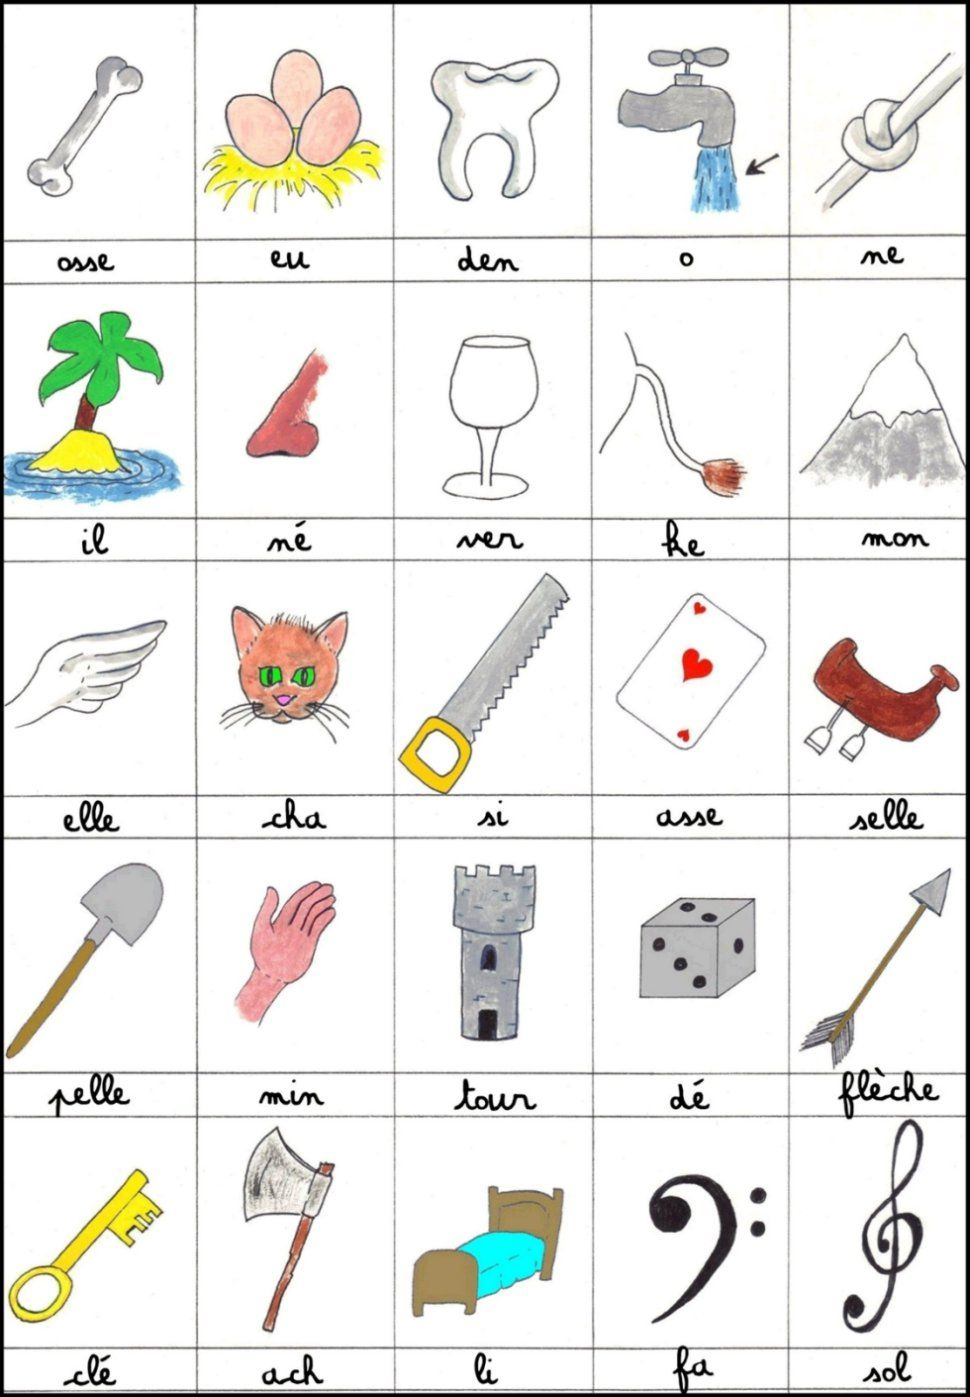 Des Idées D'énigmes Pour Les Enfants | Rebus Enfant, Chasse à Rébus À Imprimer